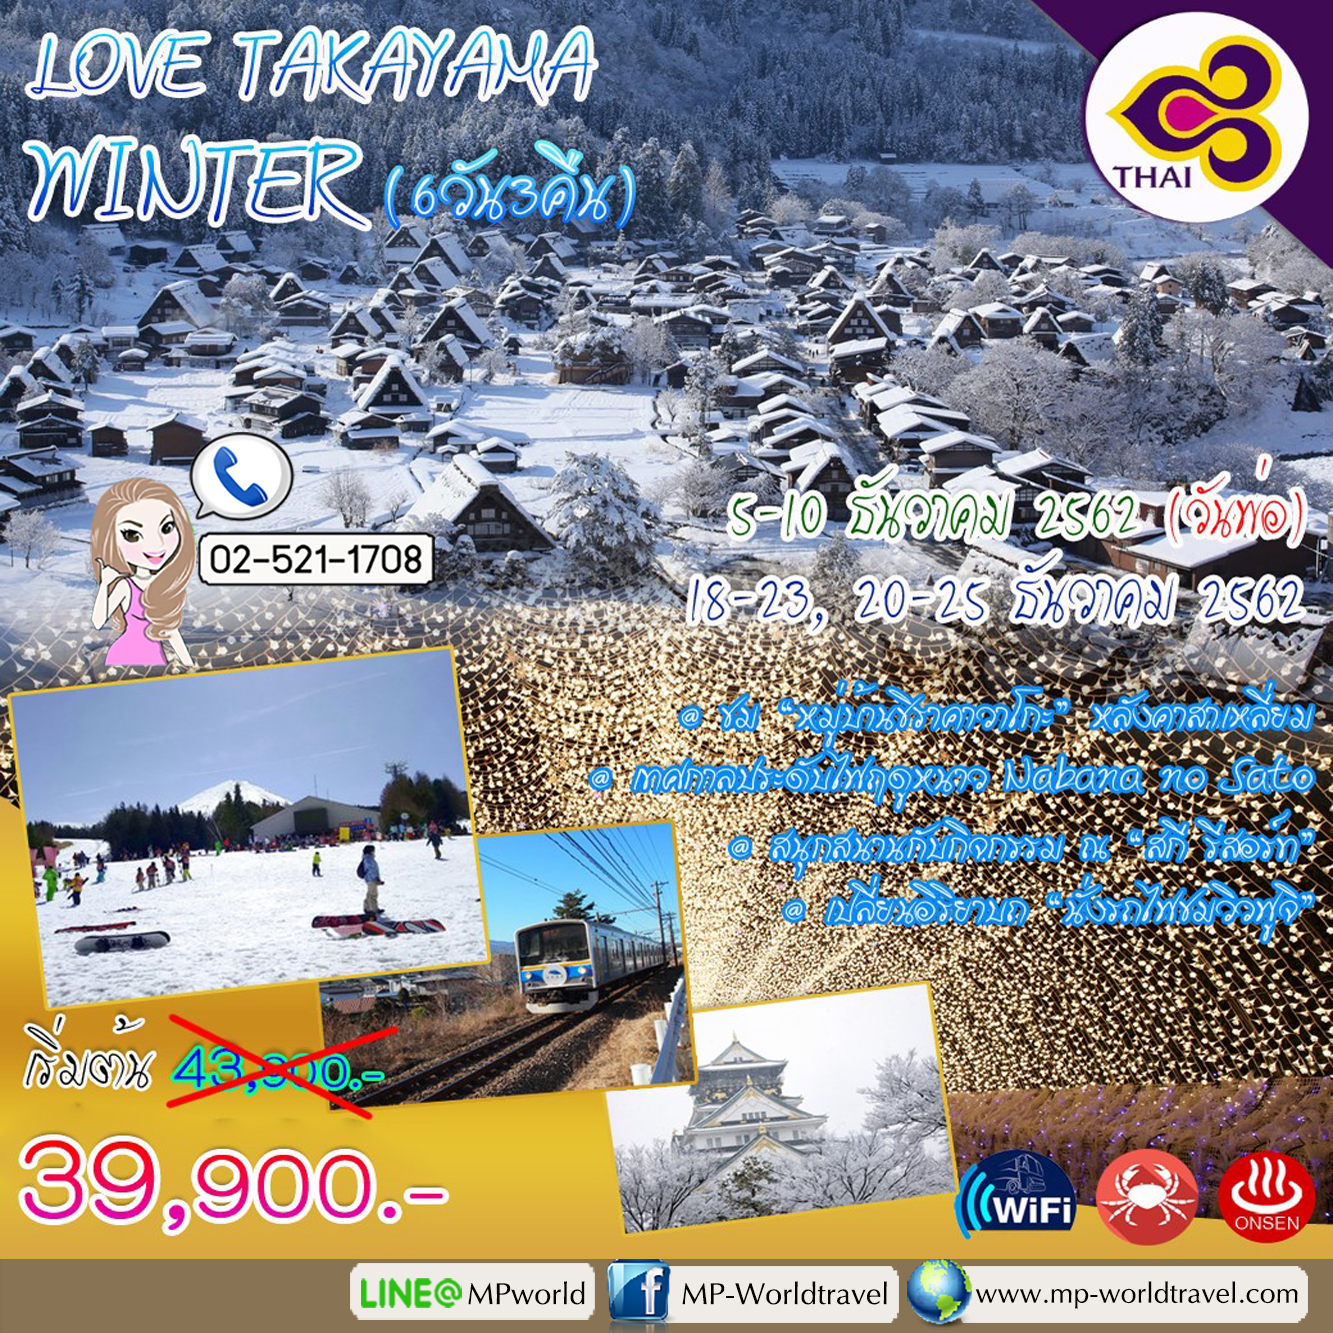 ทัวร์ญี่ปุ่น LOVE TAKAYAMA WINTER KIX-HND 5D 3N TG